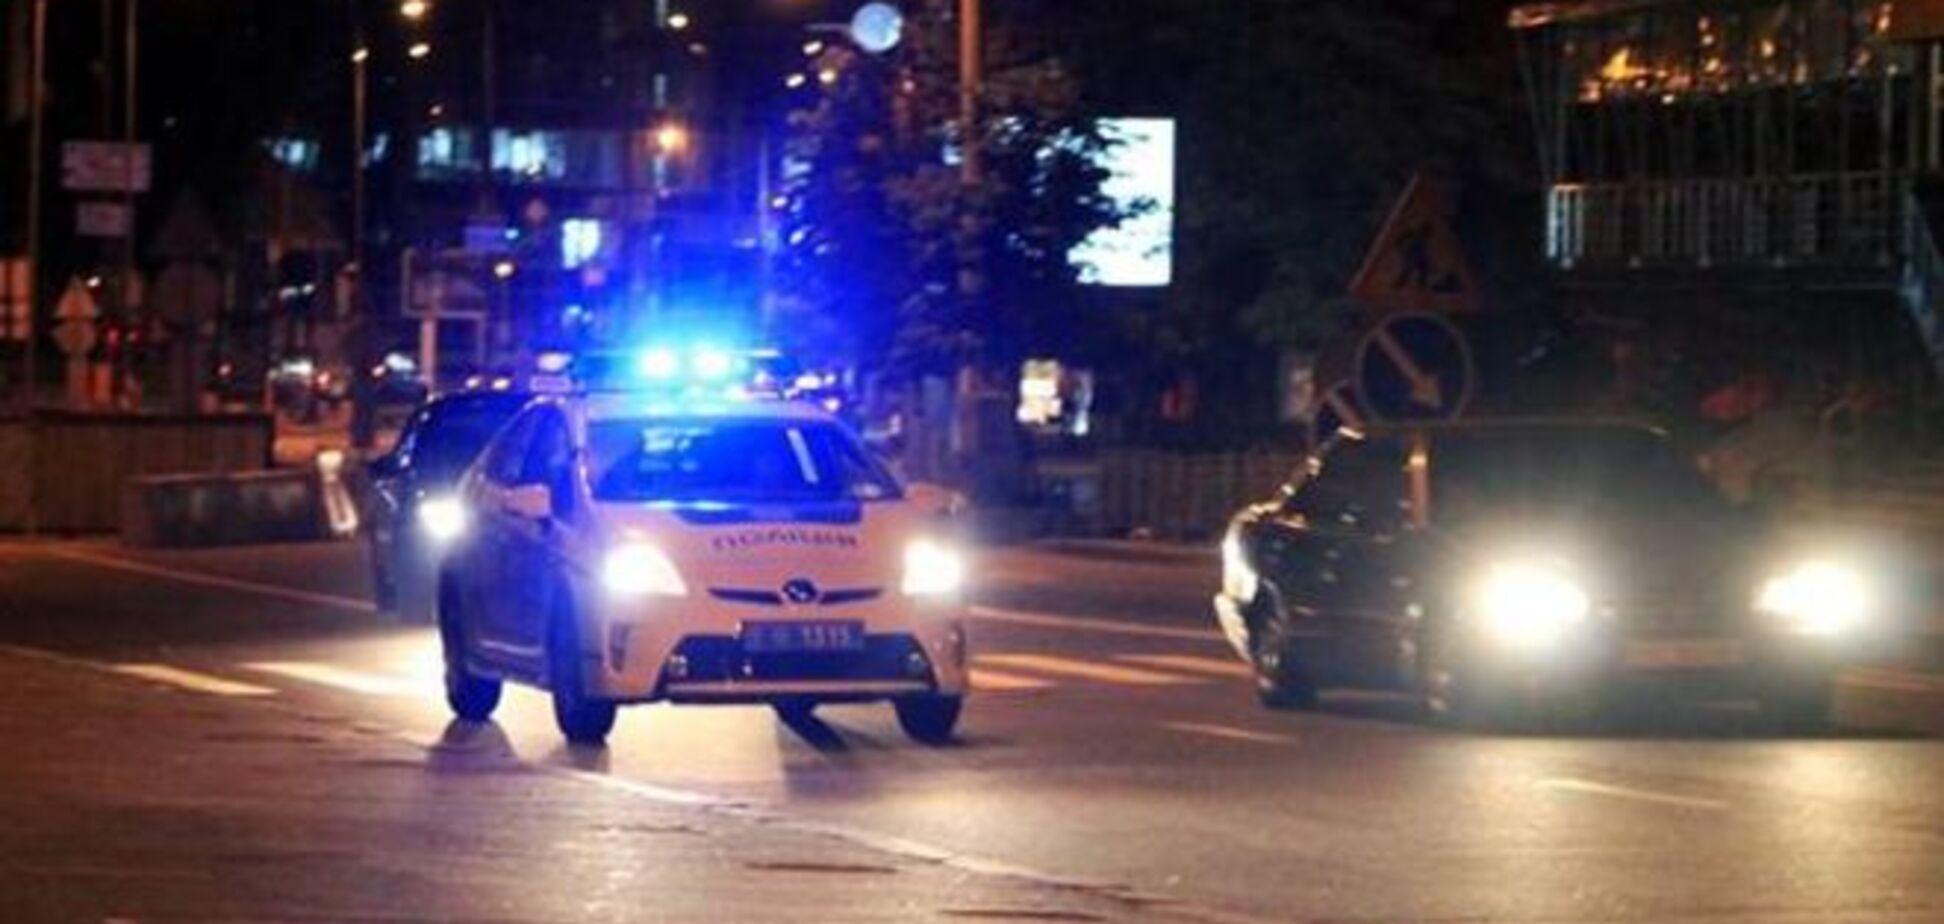 Ночной дозор. В МВД похвастались удачной 'охотой' новых патрульных: опубликованы фото